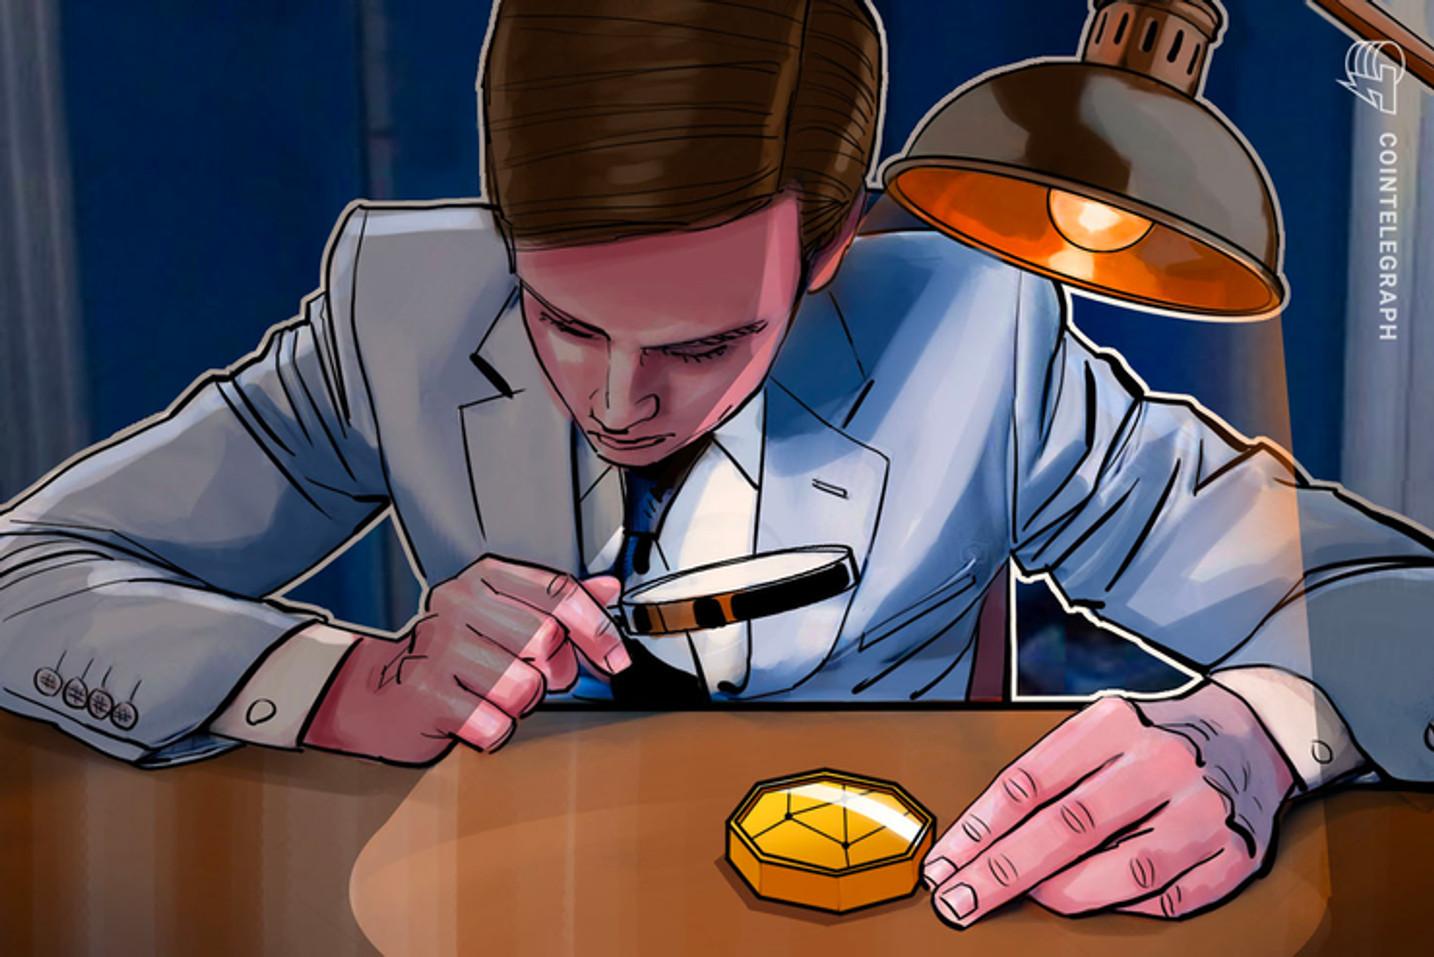 Risikoanalyse des Bundesfinanzministeriums: Kaum Geldwäsche und Terrorfinanzierung durch Kryptowährungen